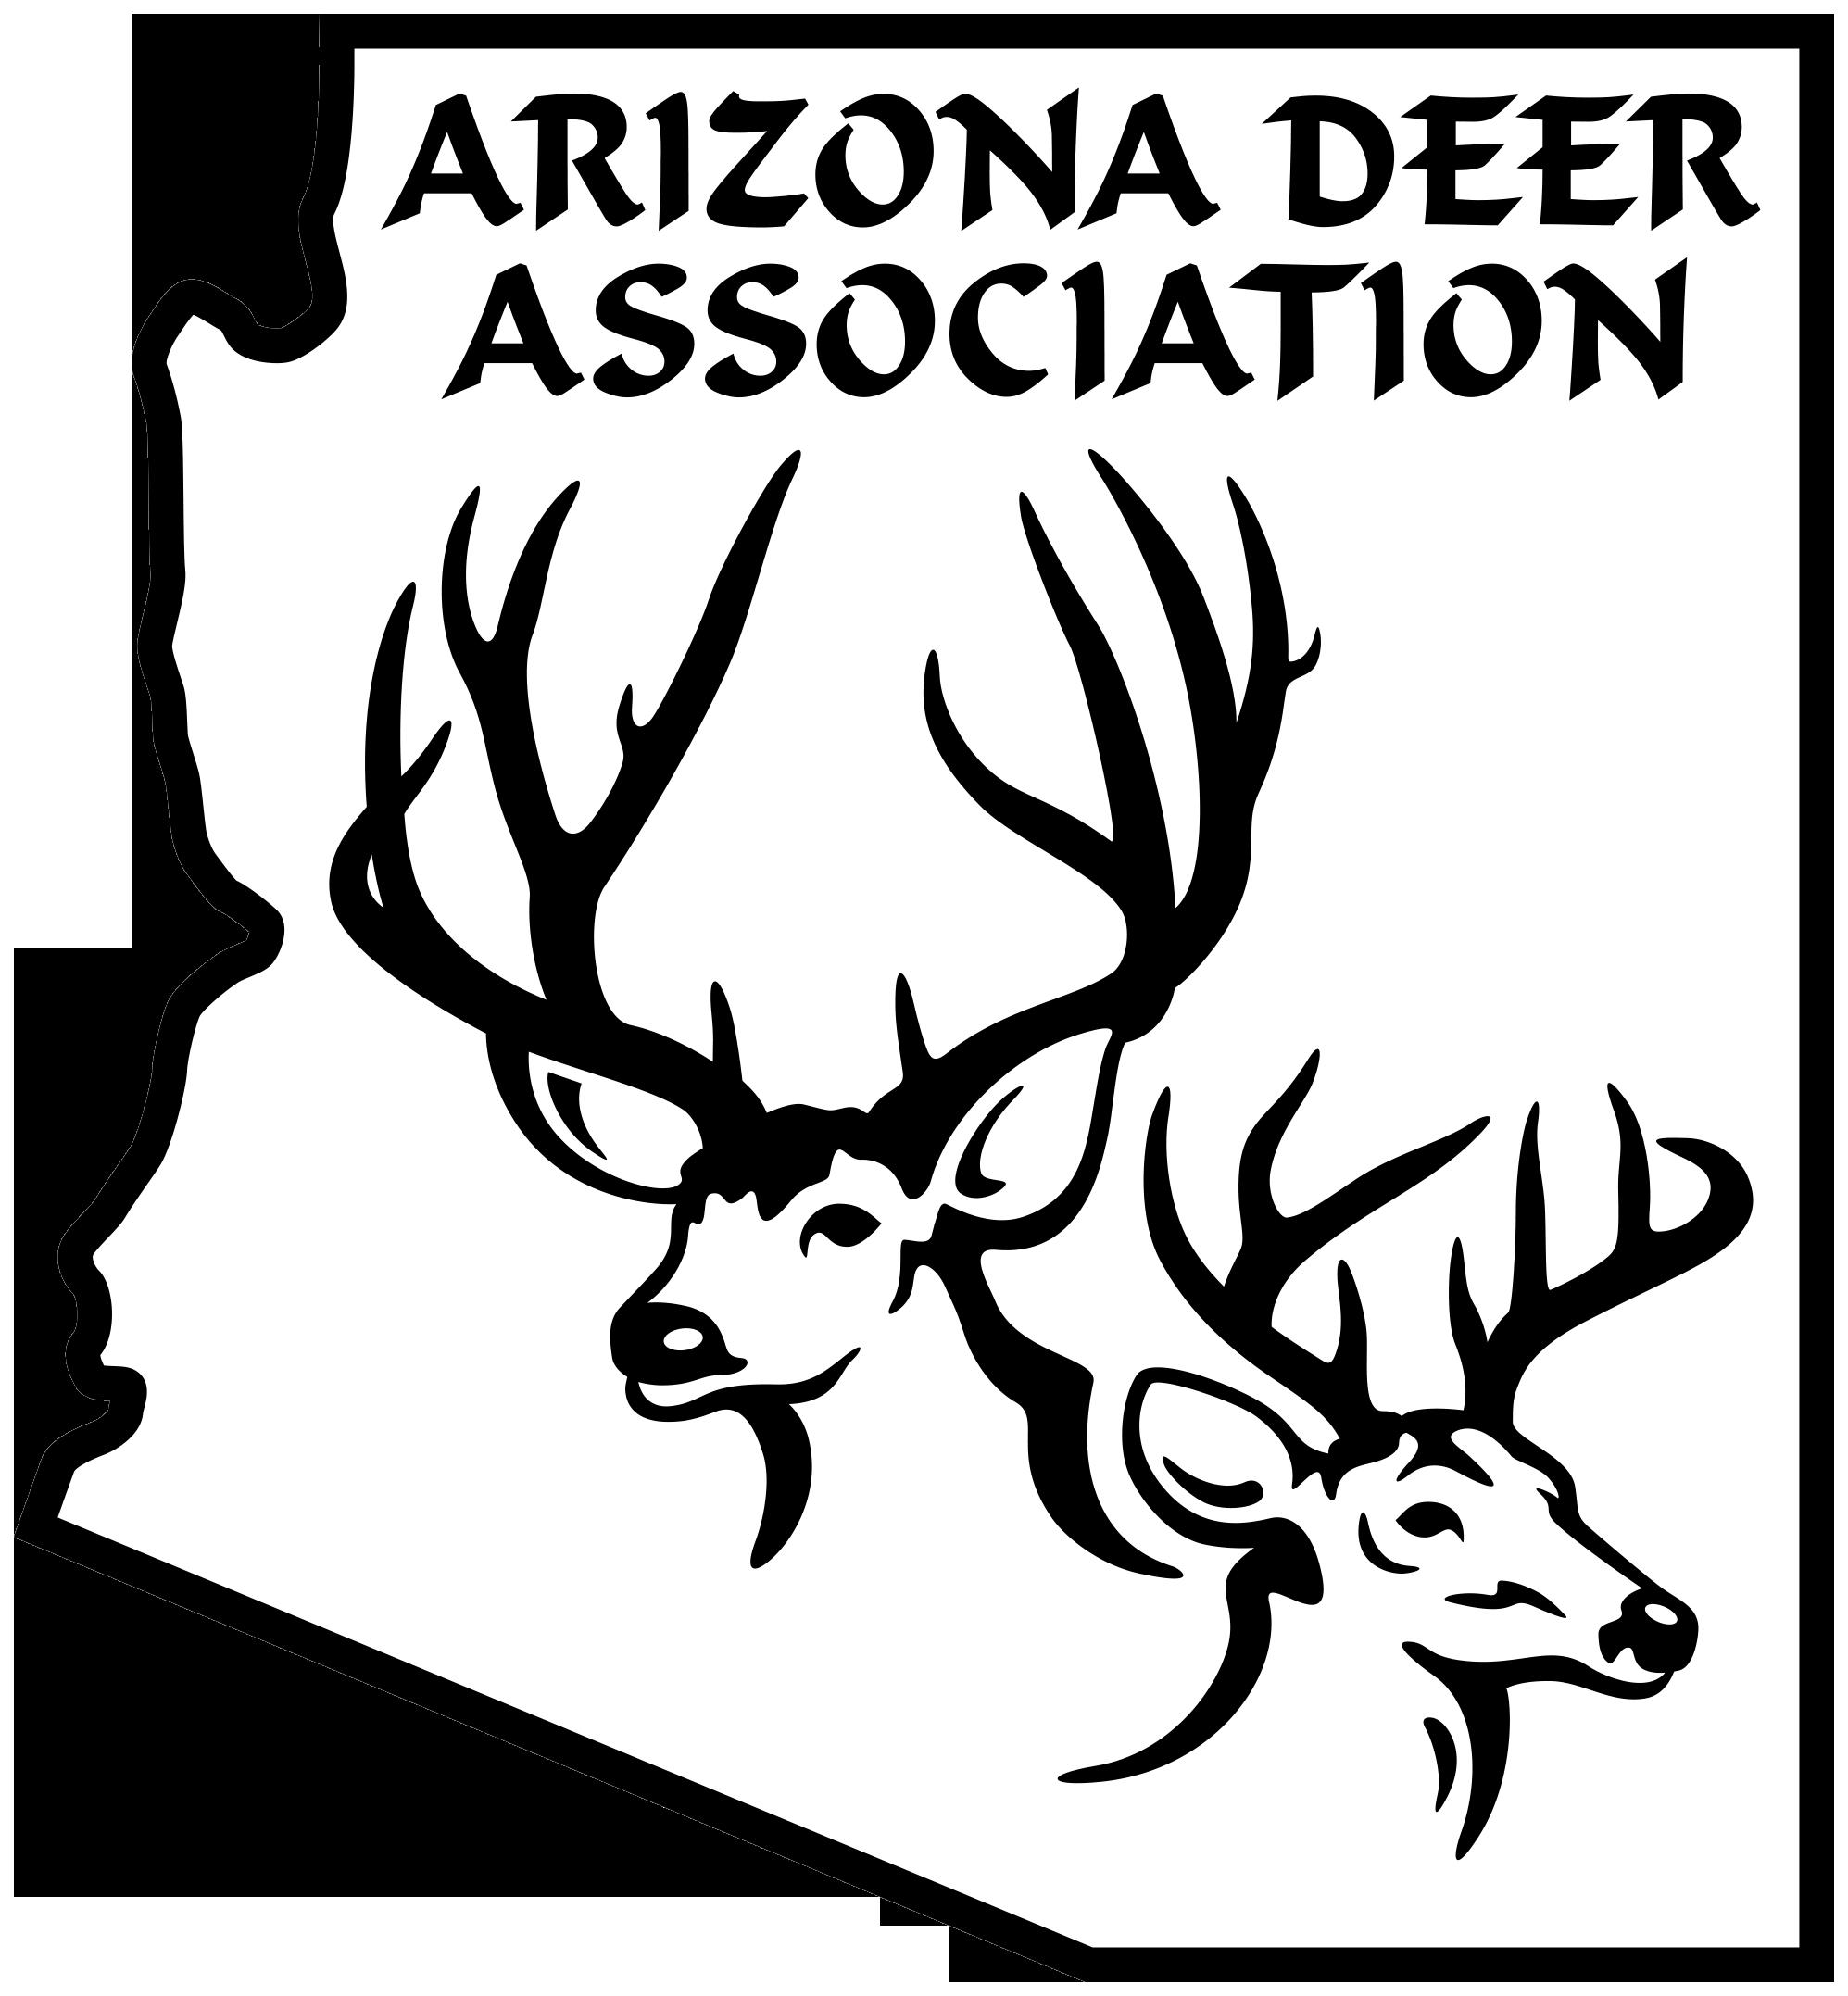 AZ Deer Association